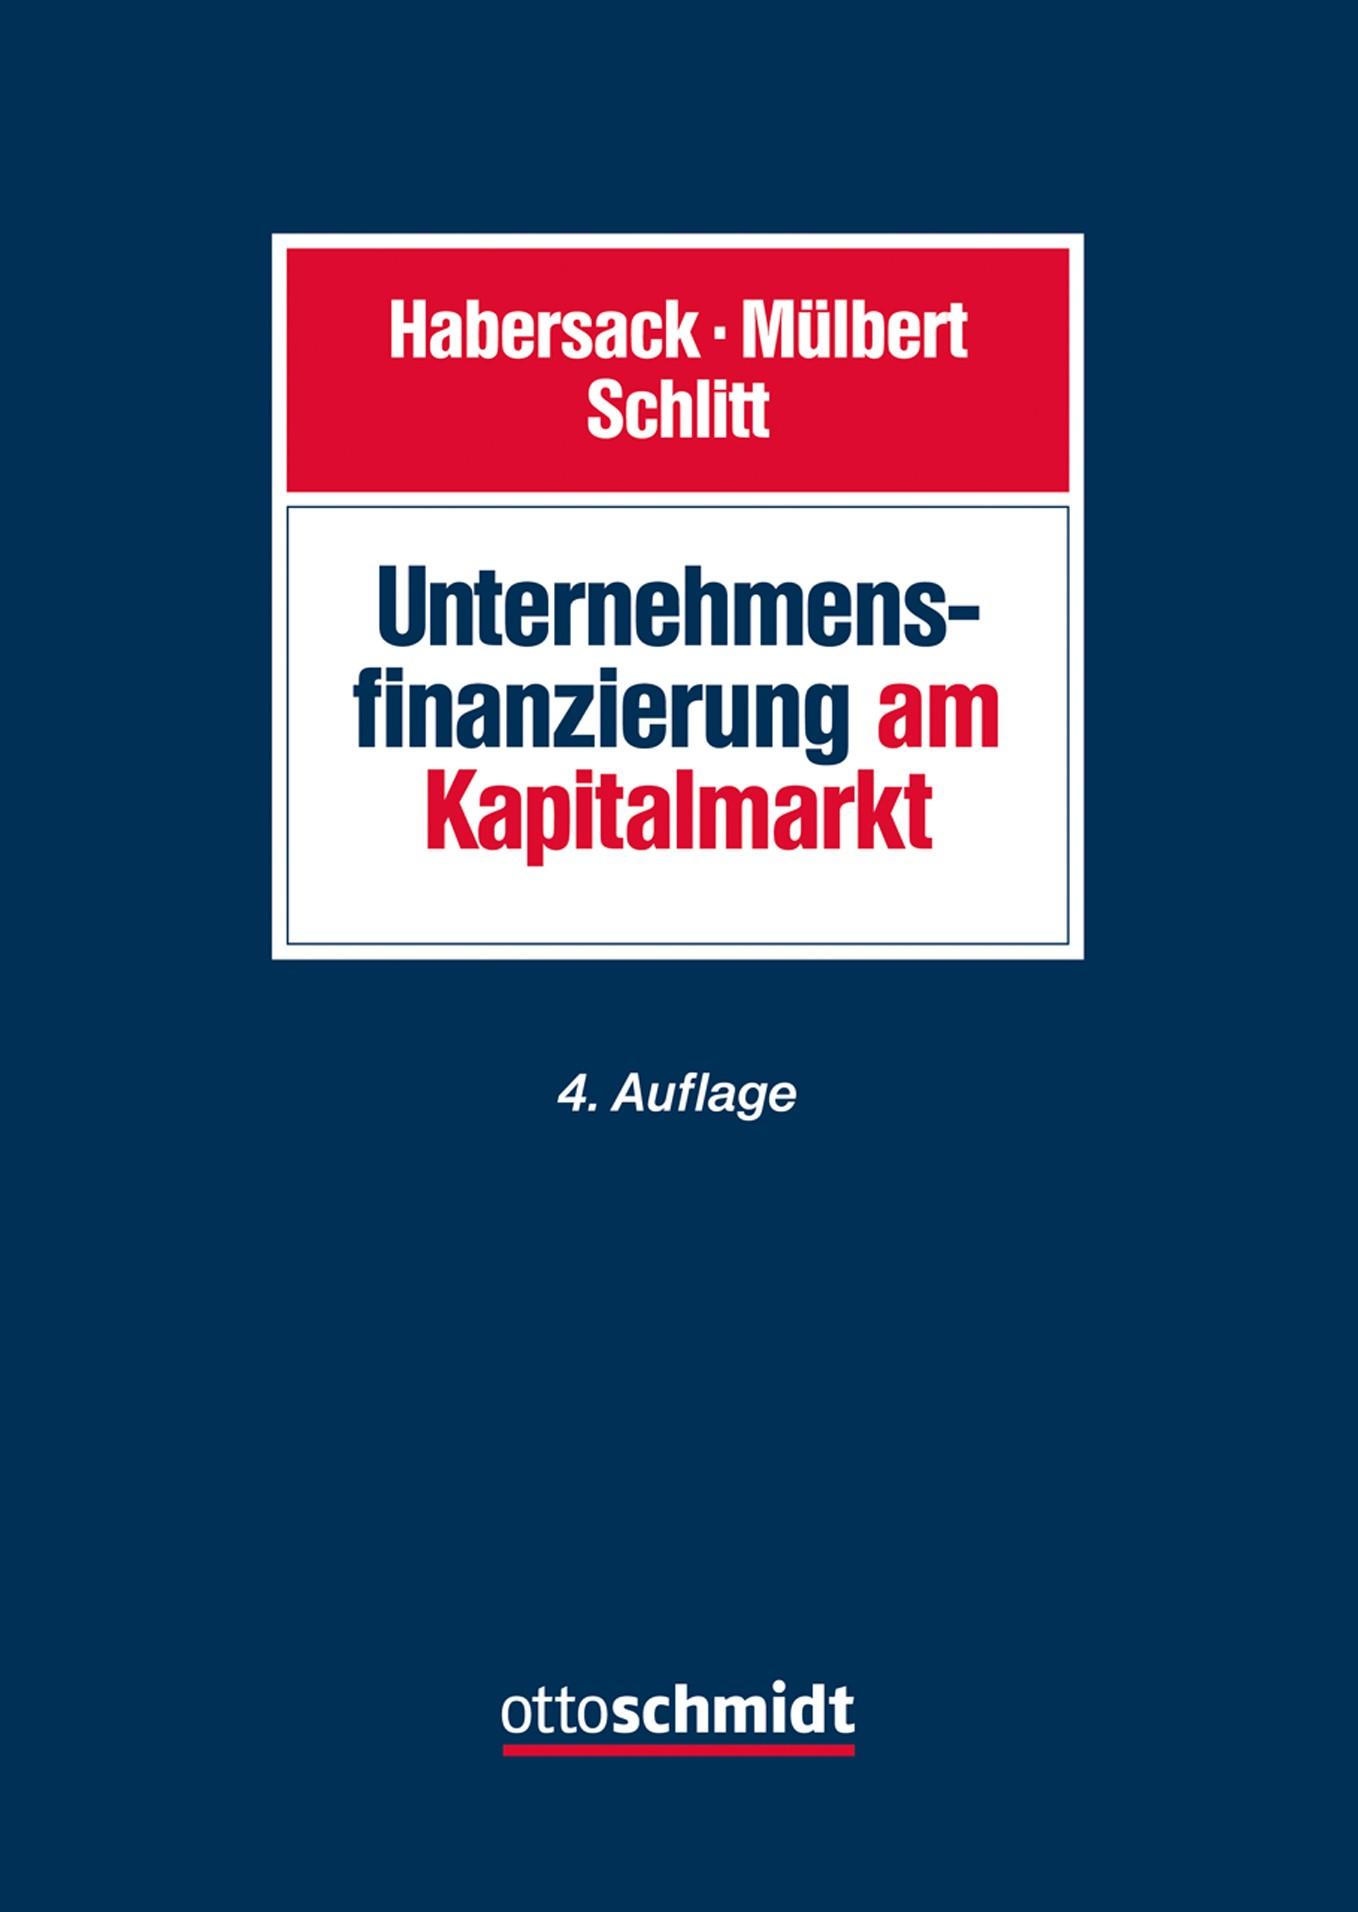 Abbildung von Habersack / Mülbert / Schlitt (Hrsg.)   Unternehmensfinanzierung am Kapitalmarkt   4. neu bearbeitete und erweiterte Auflage   2019